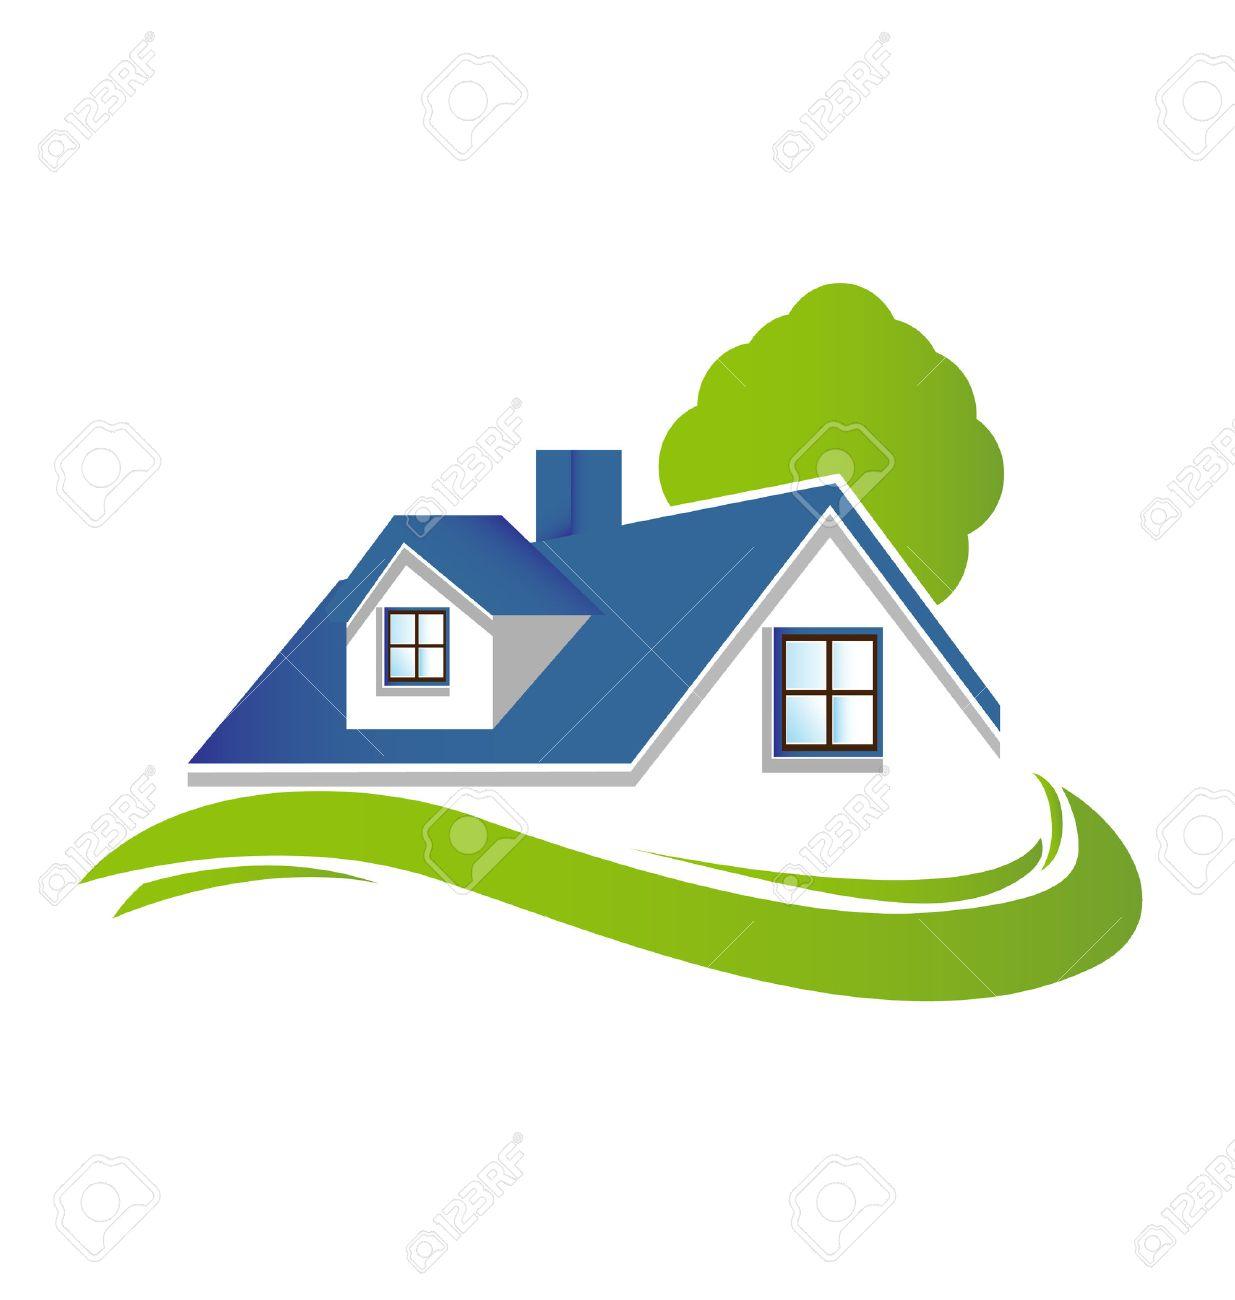 Forum isolation  Conseils pour isoler votre maison  économie d'énergie